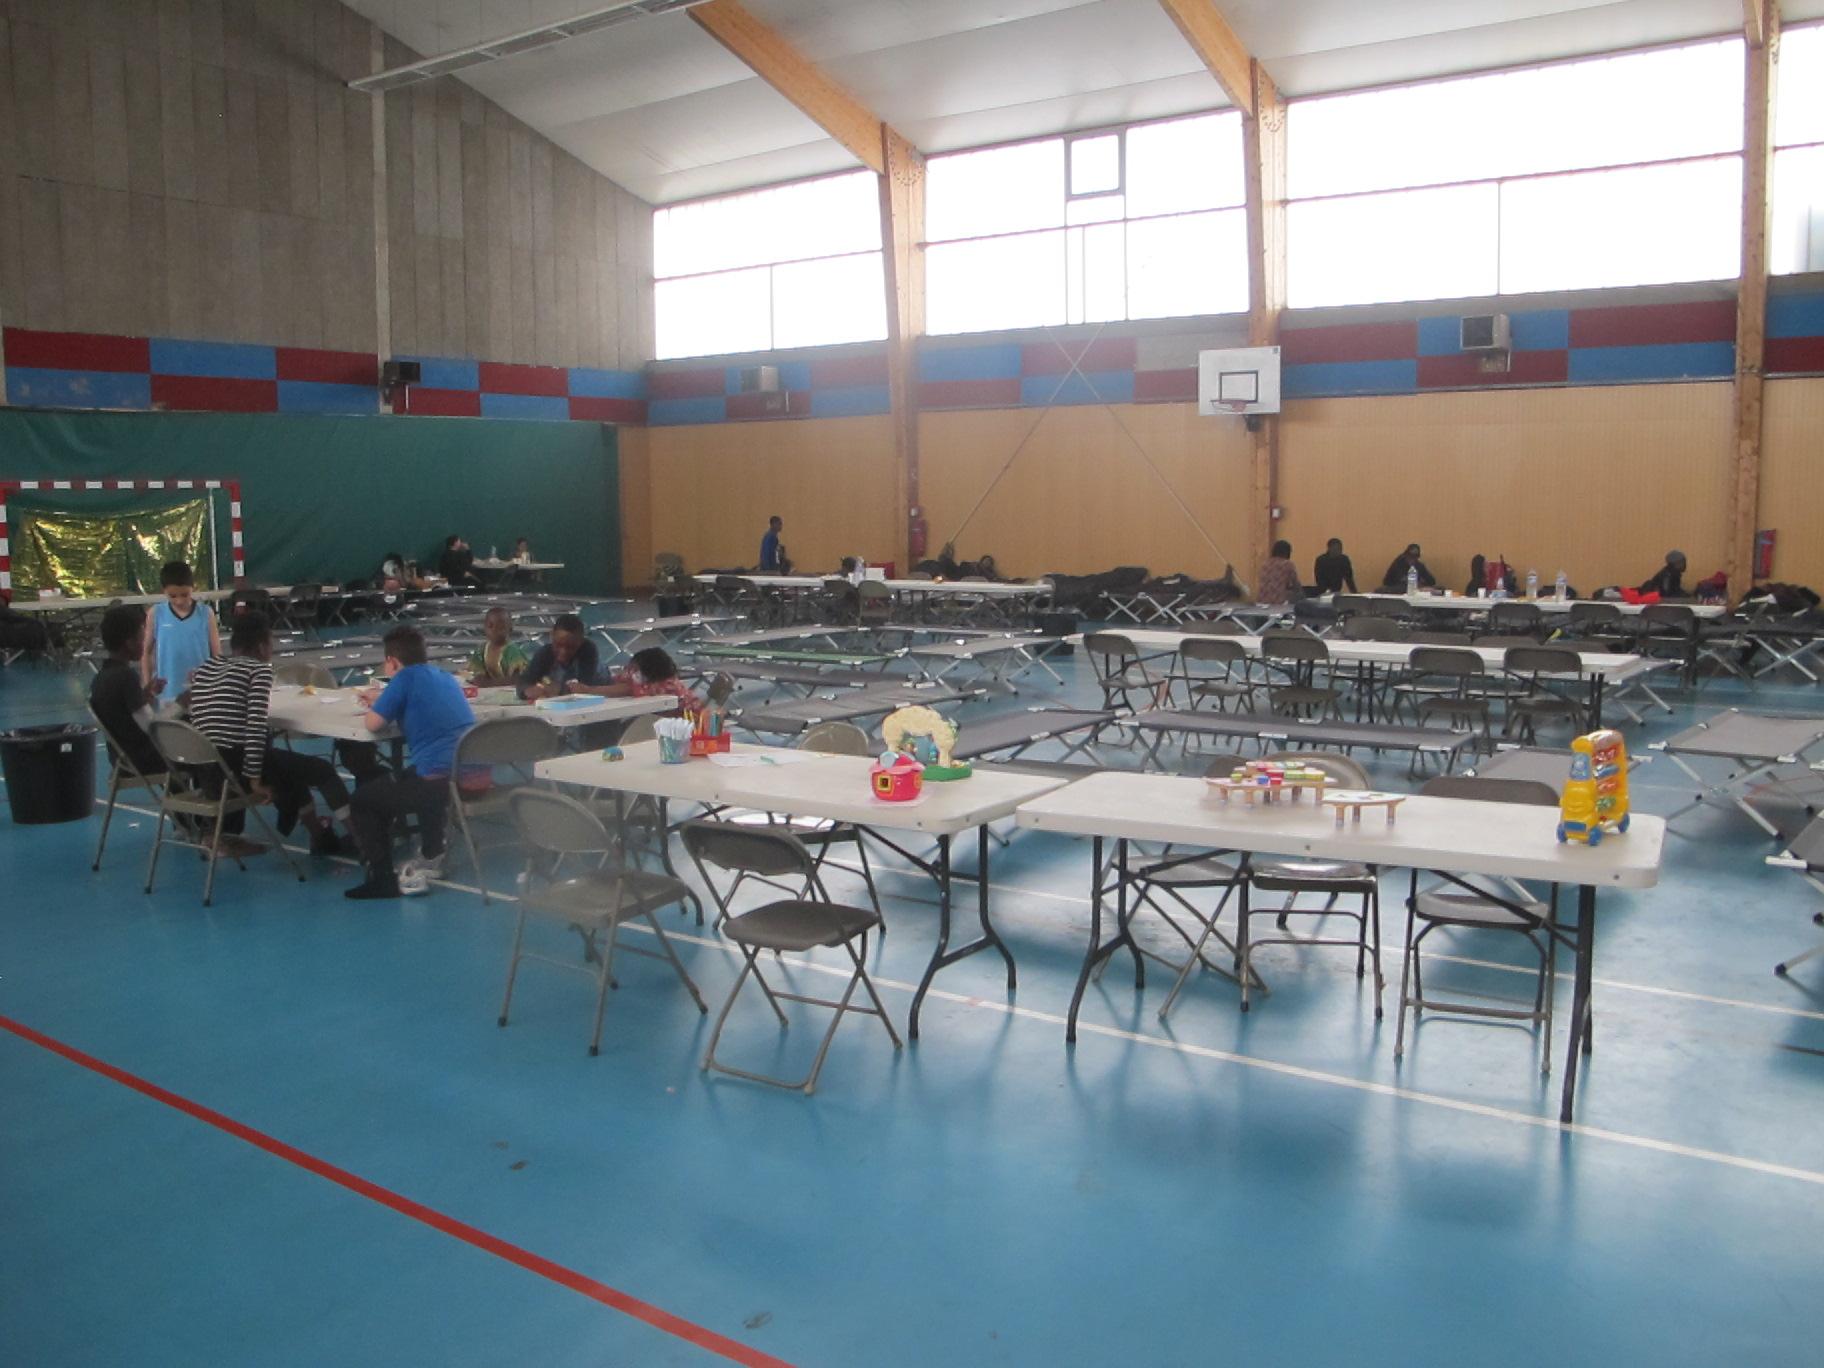 Coloriage Gymnase Ecole.Inondations La Vie S Organise Dans Les Gymnases Qui Abritent Les